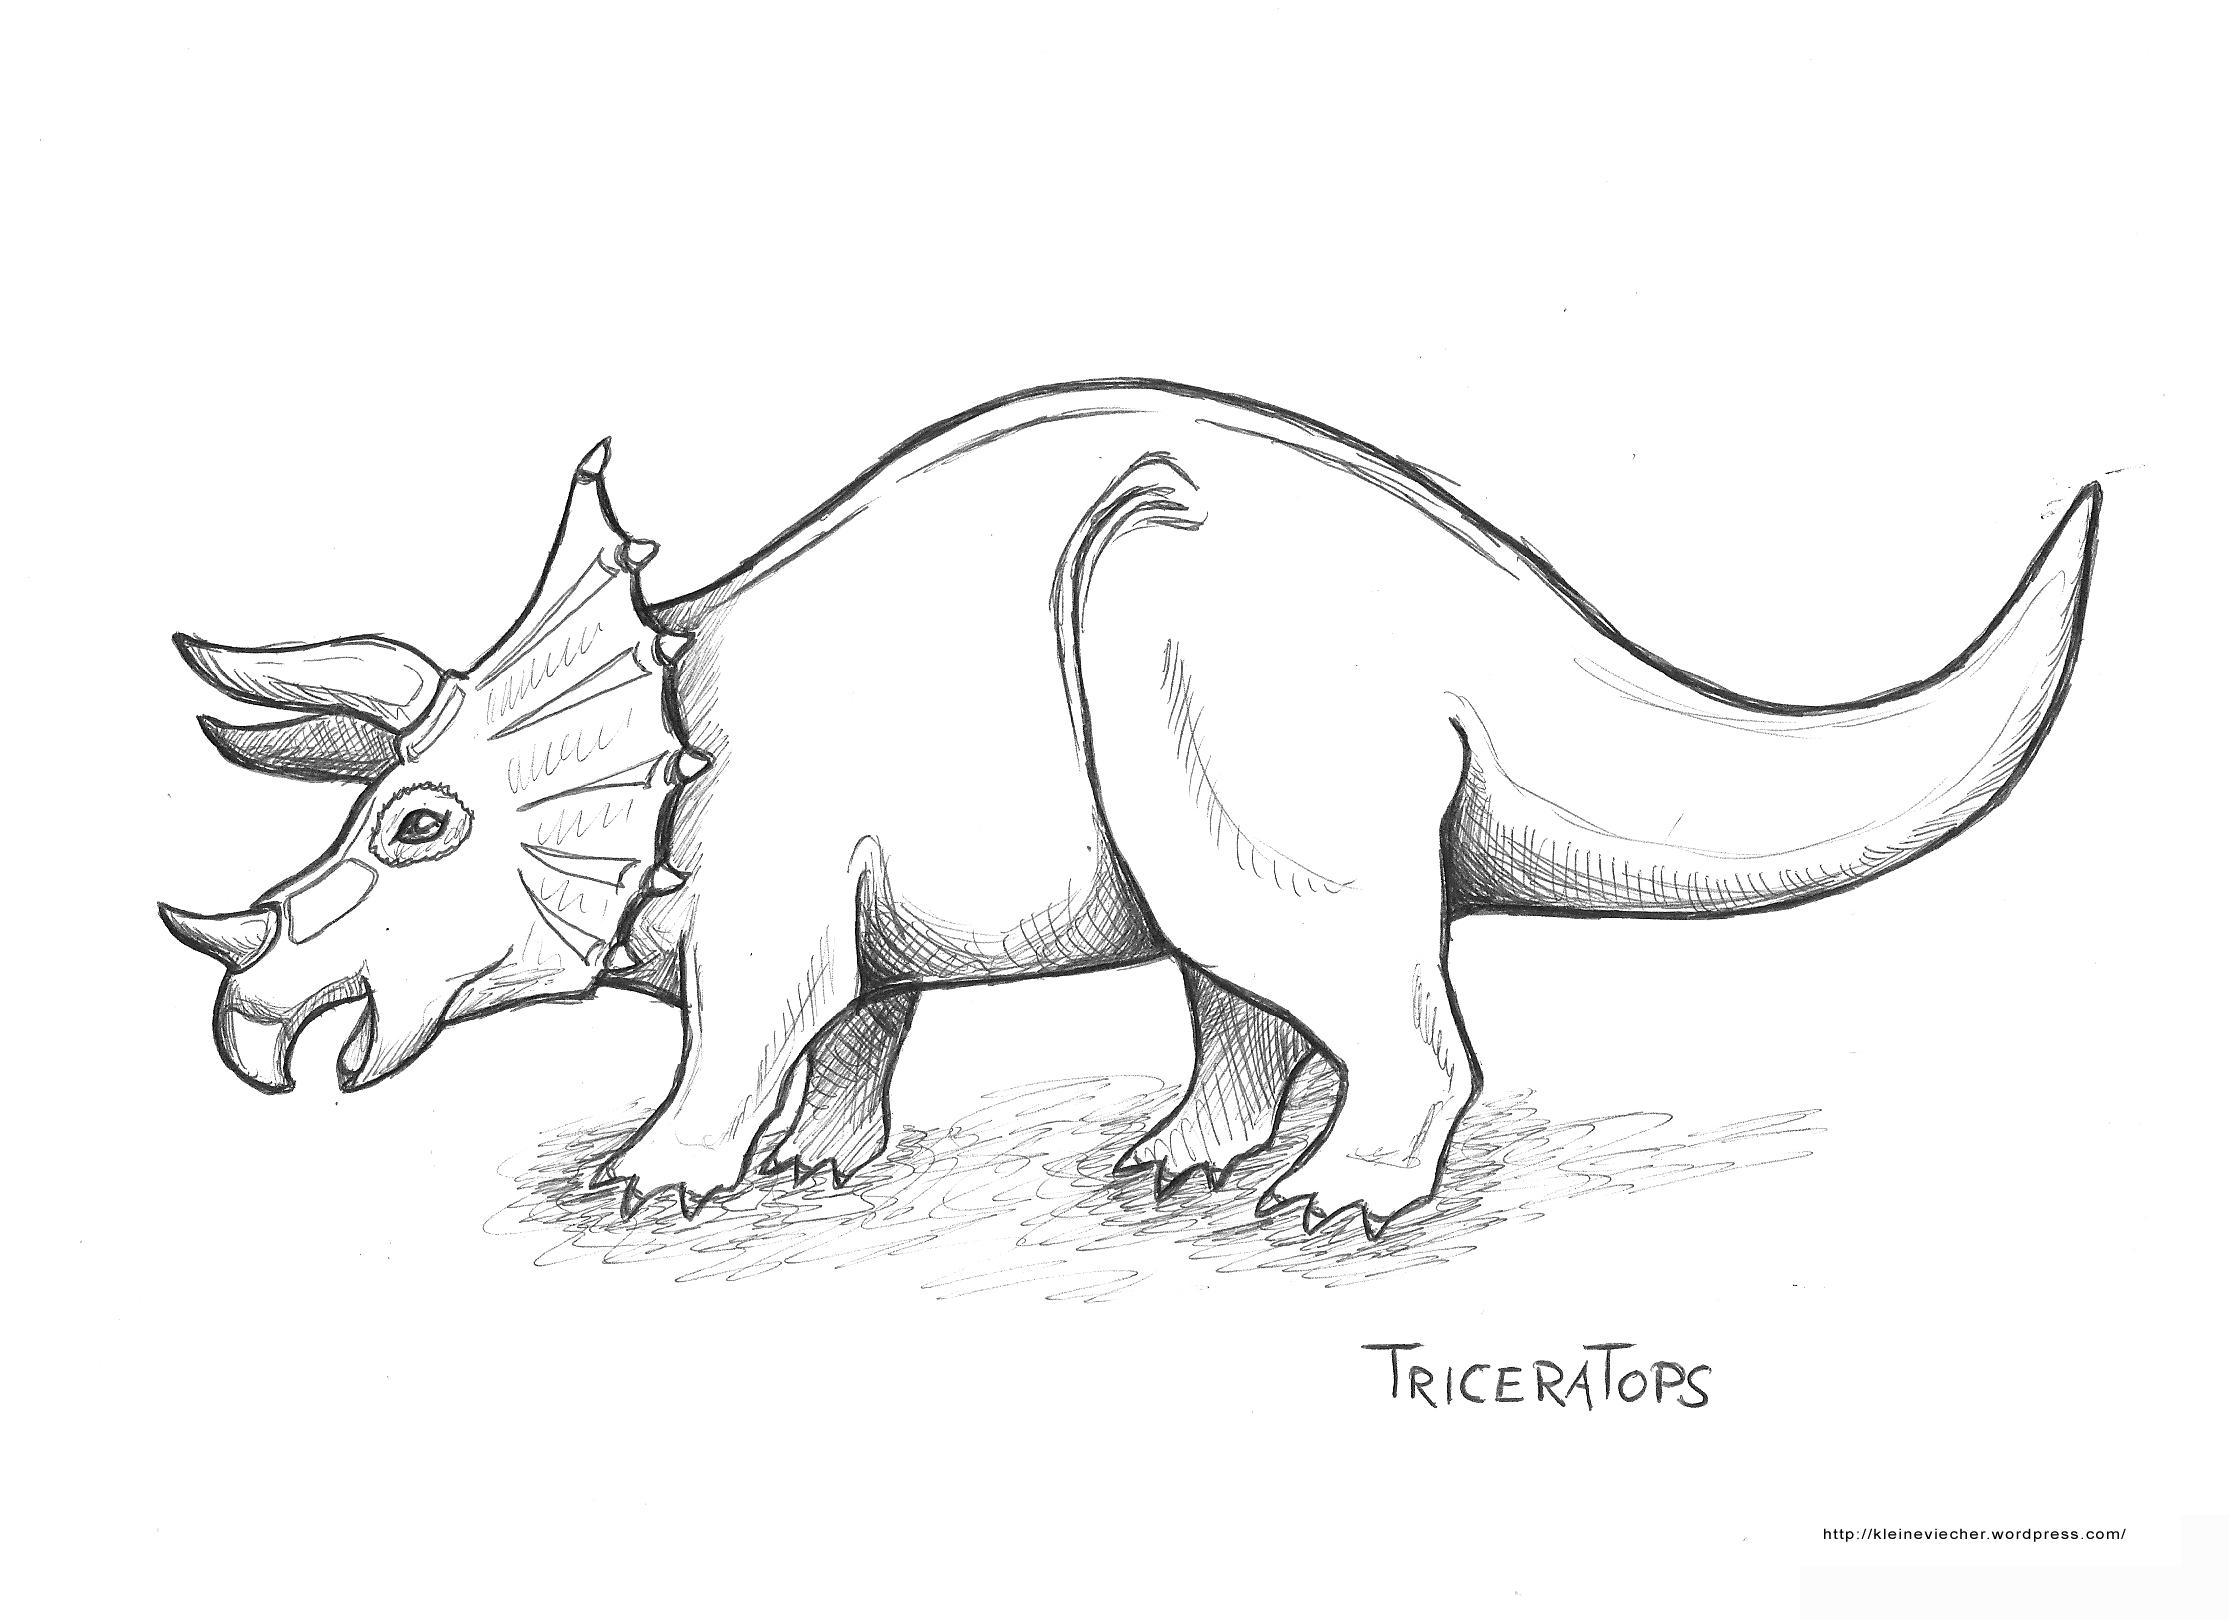 Malvorlagen Dinosaurier Triceratops | My blog